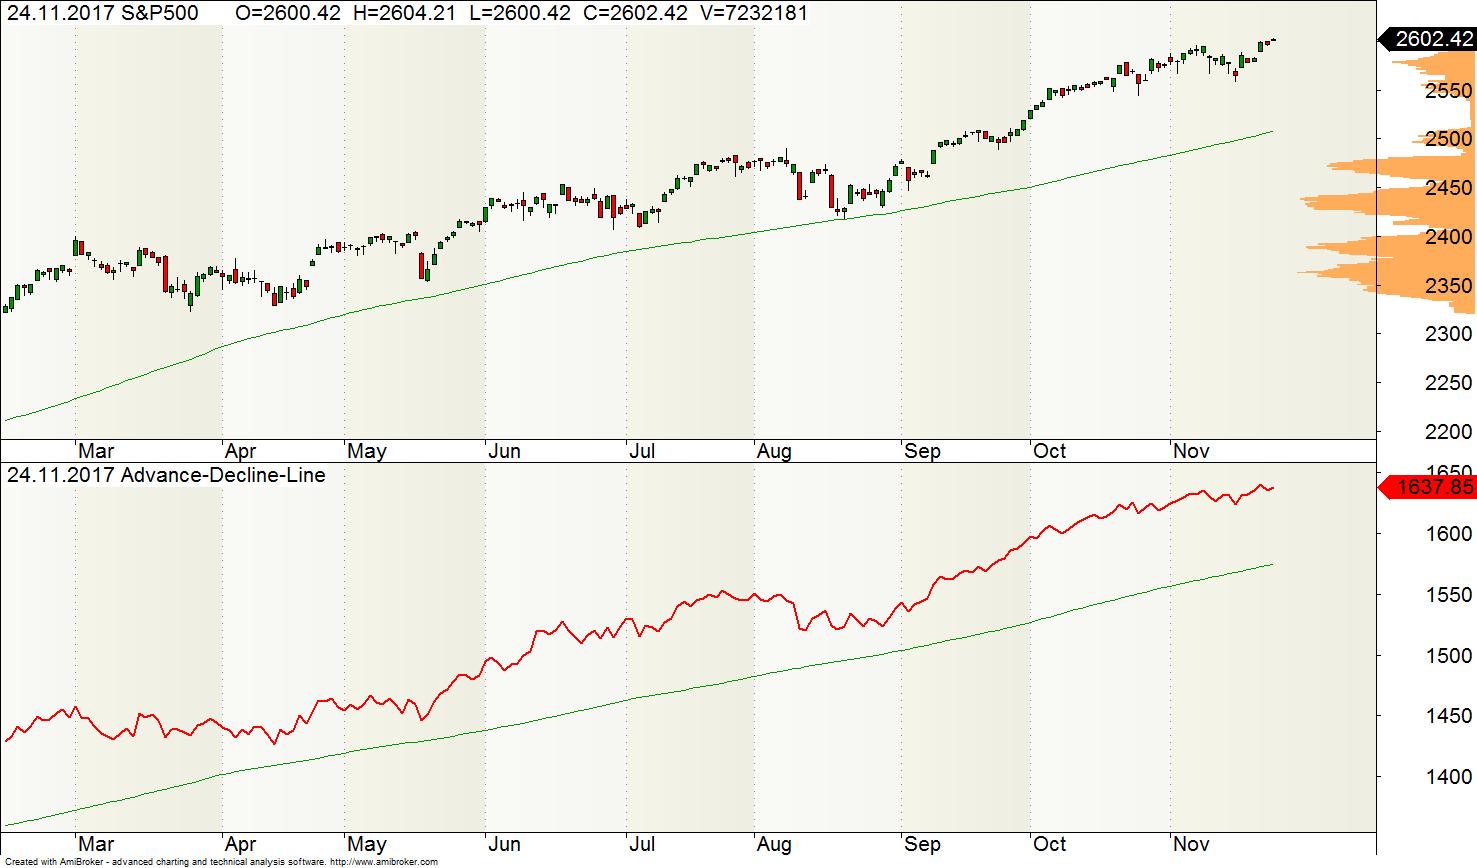 In diesem Artikel möchte ich auf folgende Begriffe näher eingehen: Crash, Zyklus, Aktien Timing, Fundamentalanalyse und ChartanalyseDas Wichtigste ist, dass man versteht, dass der Aktienmarkt einen gewissen Zyklus durchlebt.